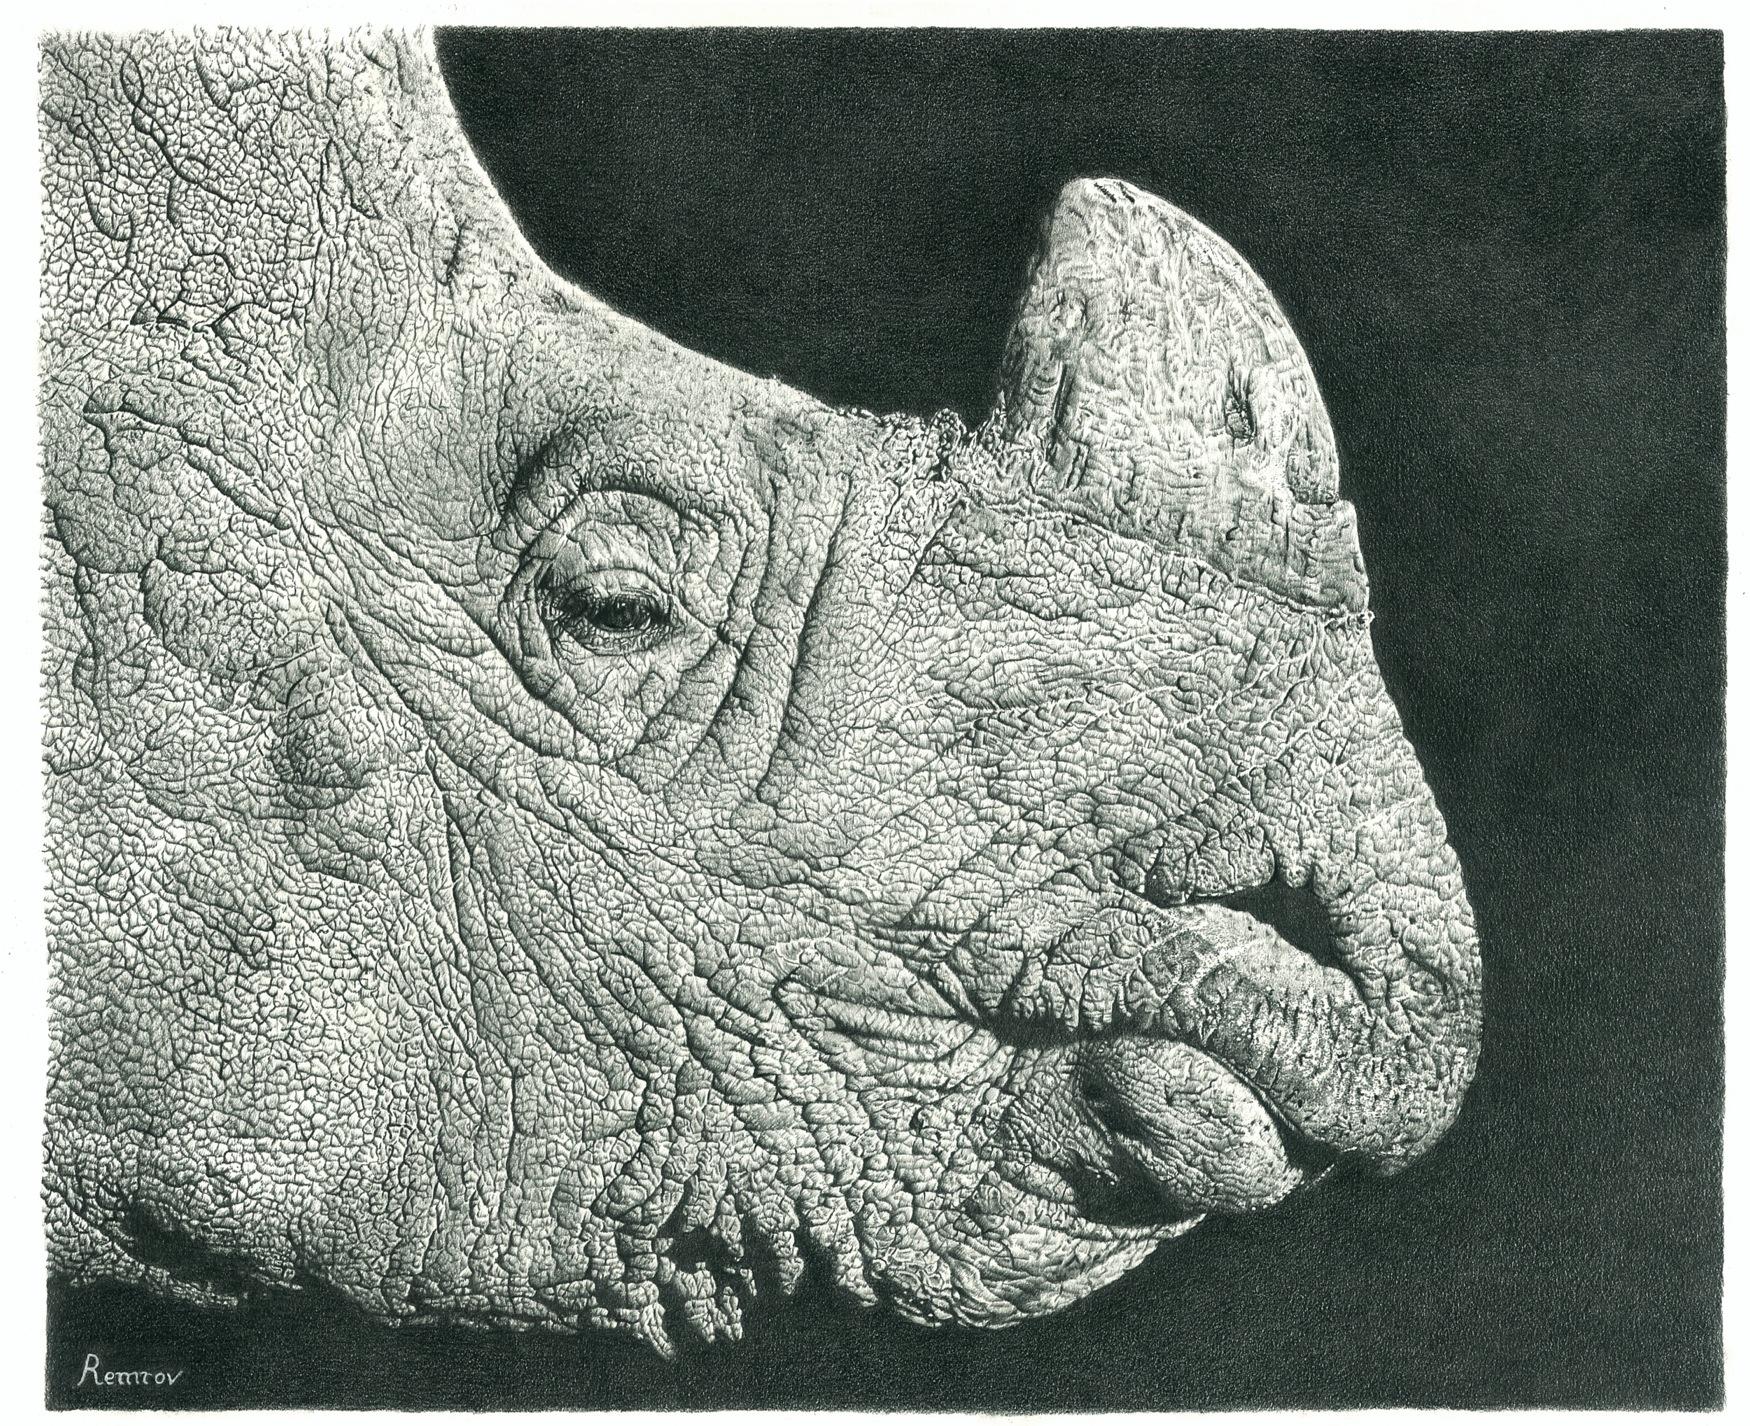 Mhaf featured artist remrov vormer photorealist pencil artist